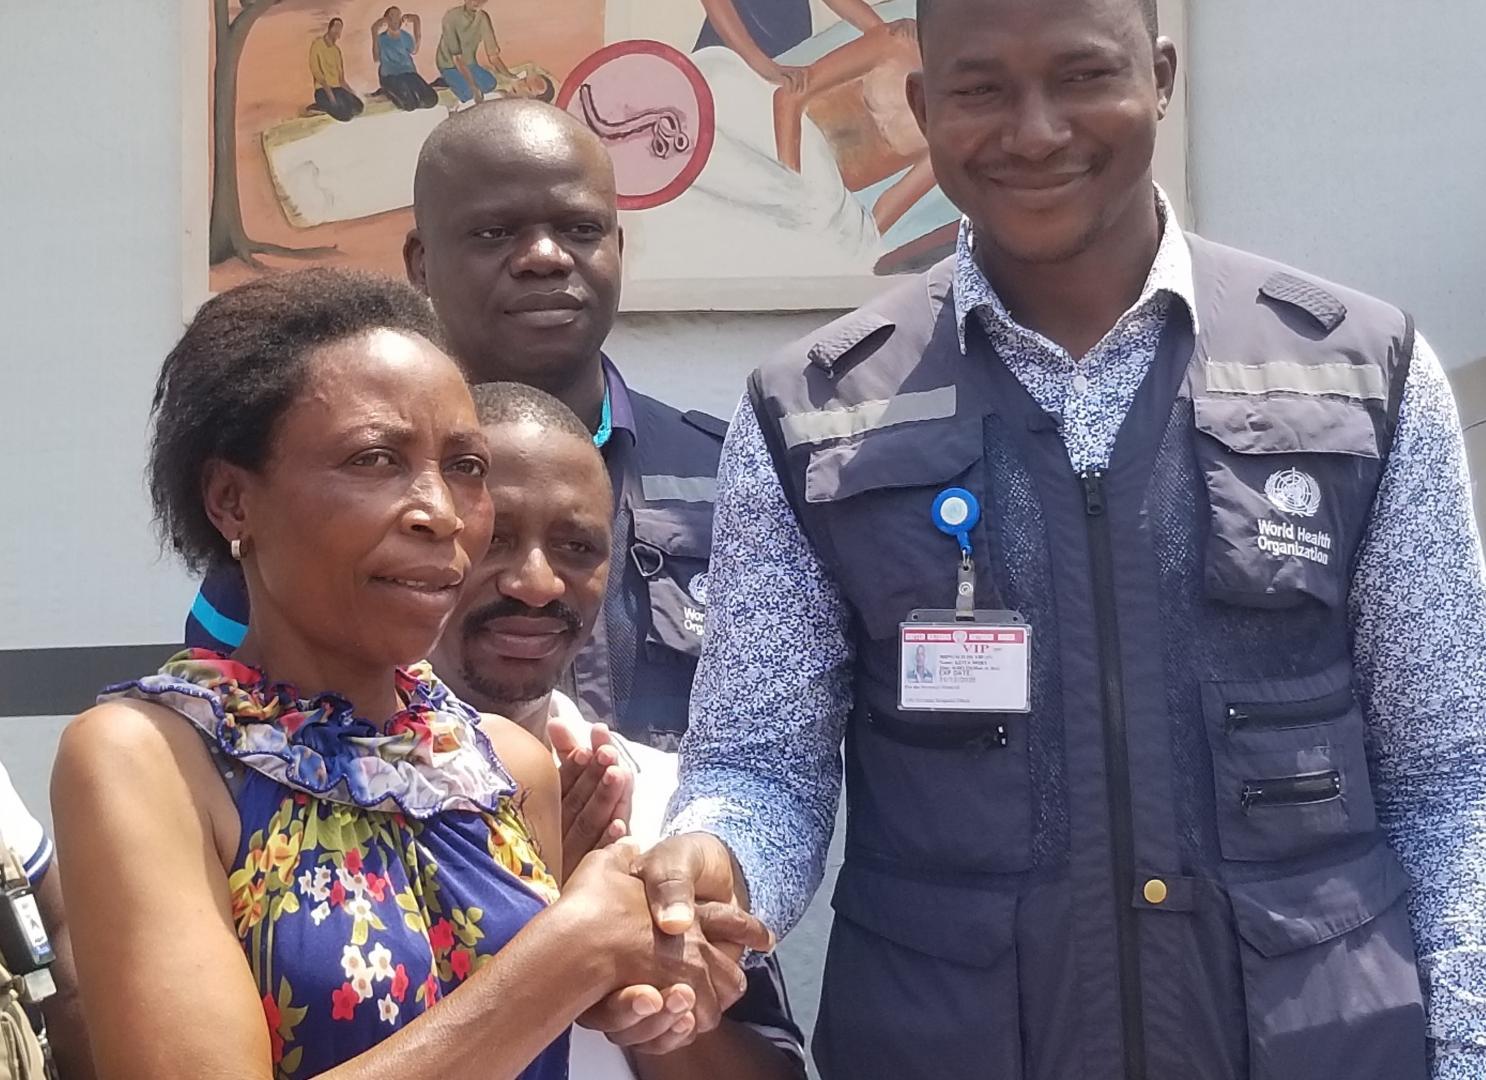 La dernière patiente Ebola de la République démocratique du Congo est sortie guérie du centre de traitement